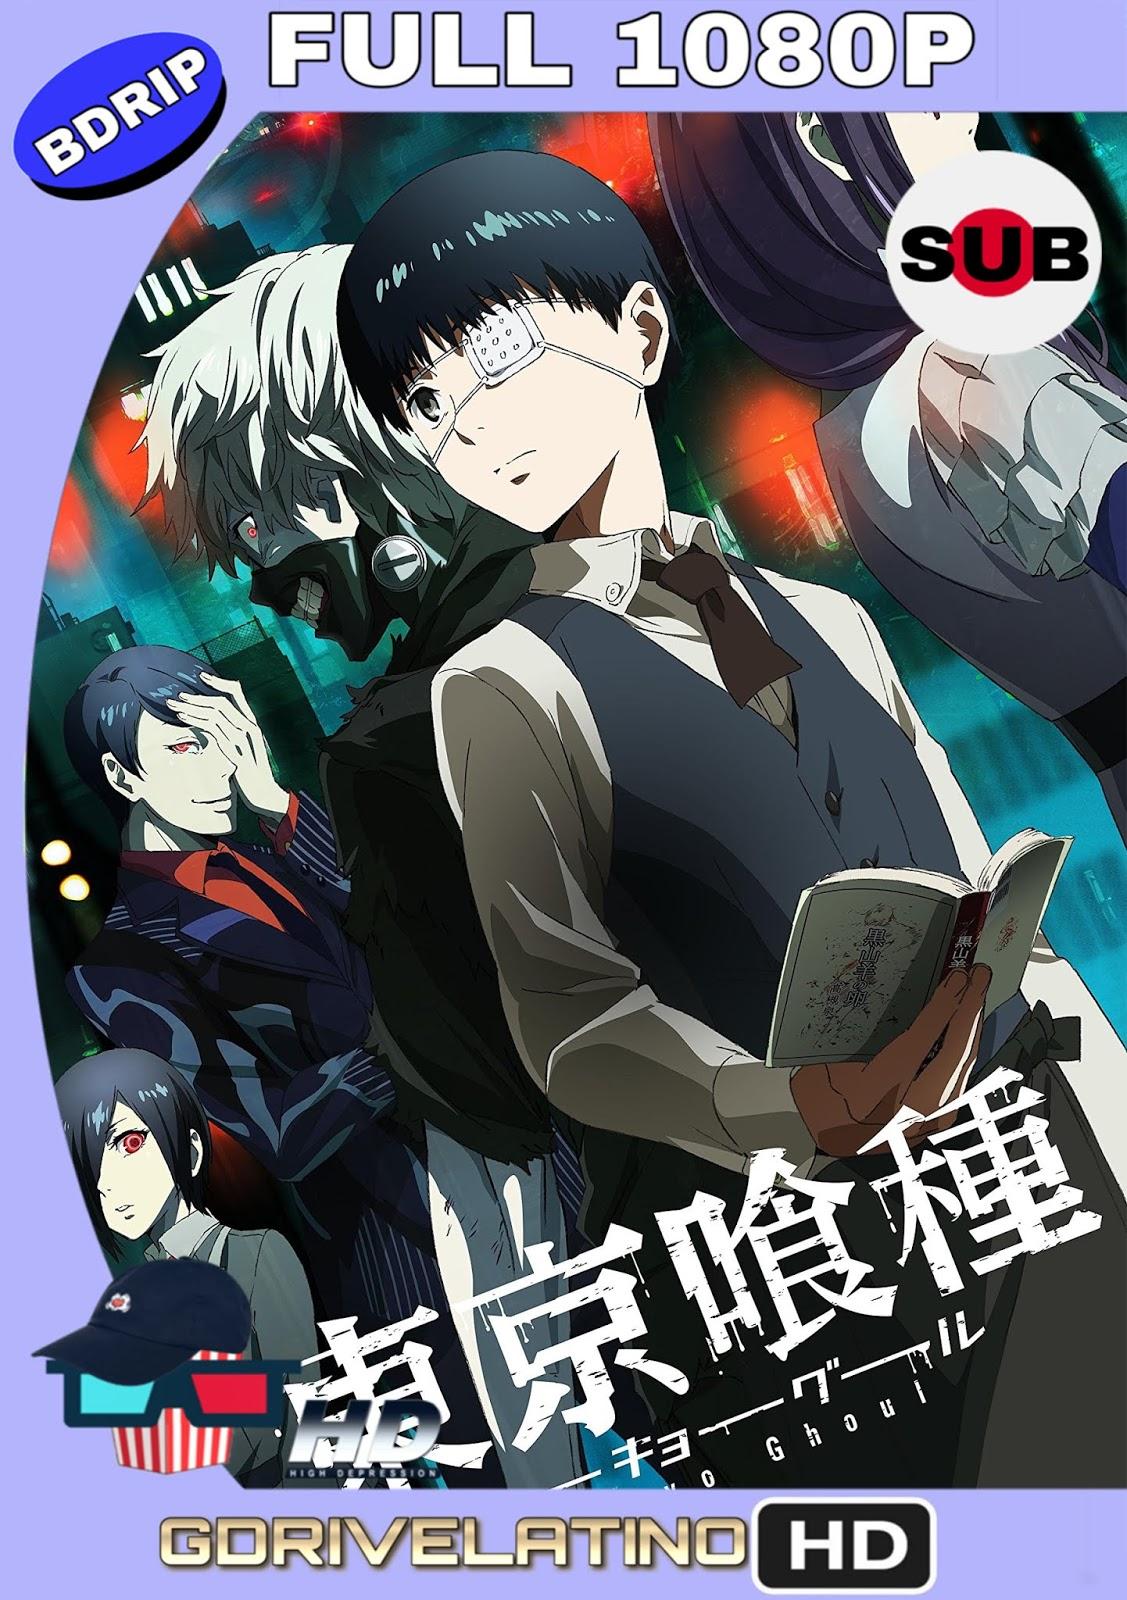 Tokyo Ghoul (2014) (12/12 + 2 OVAs) BDRip 1080p (Japonés) MKV